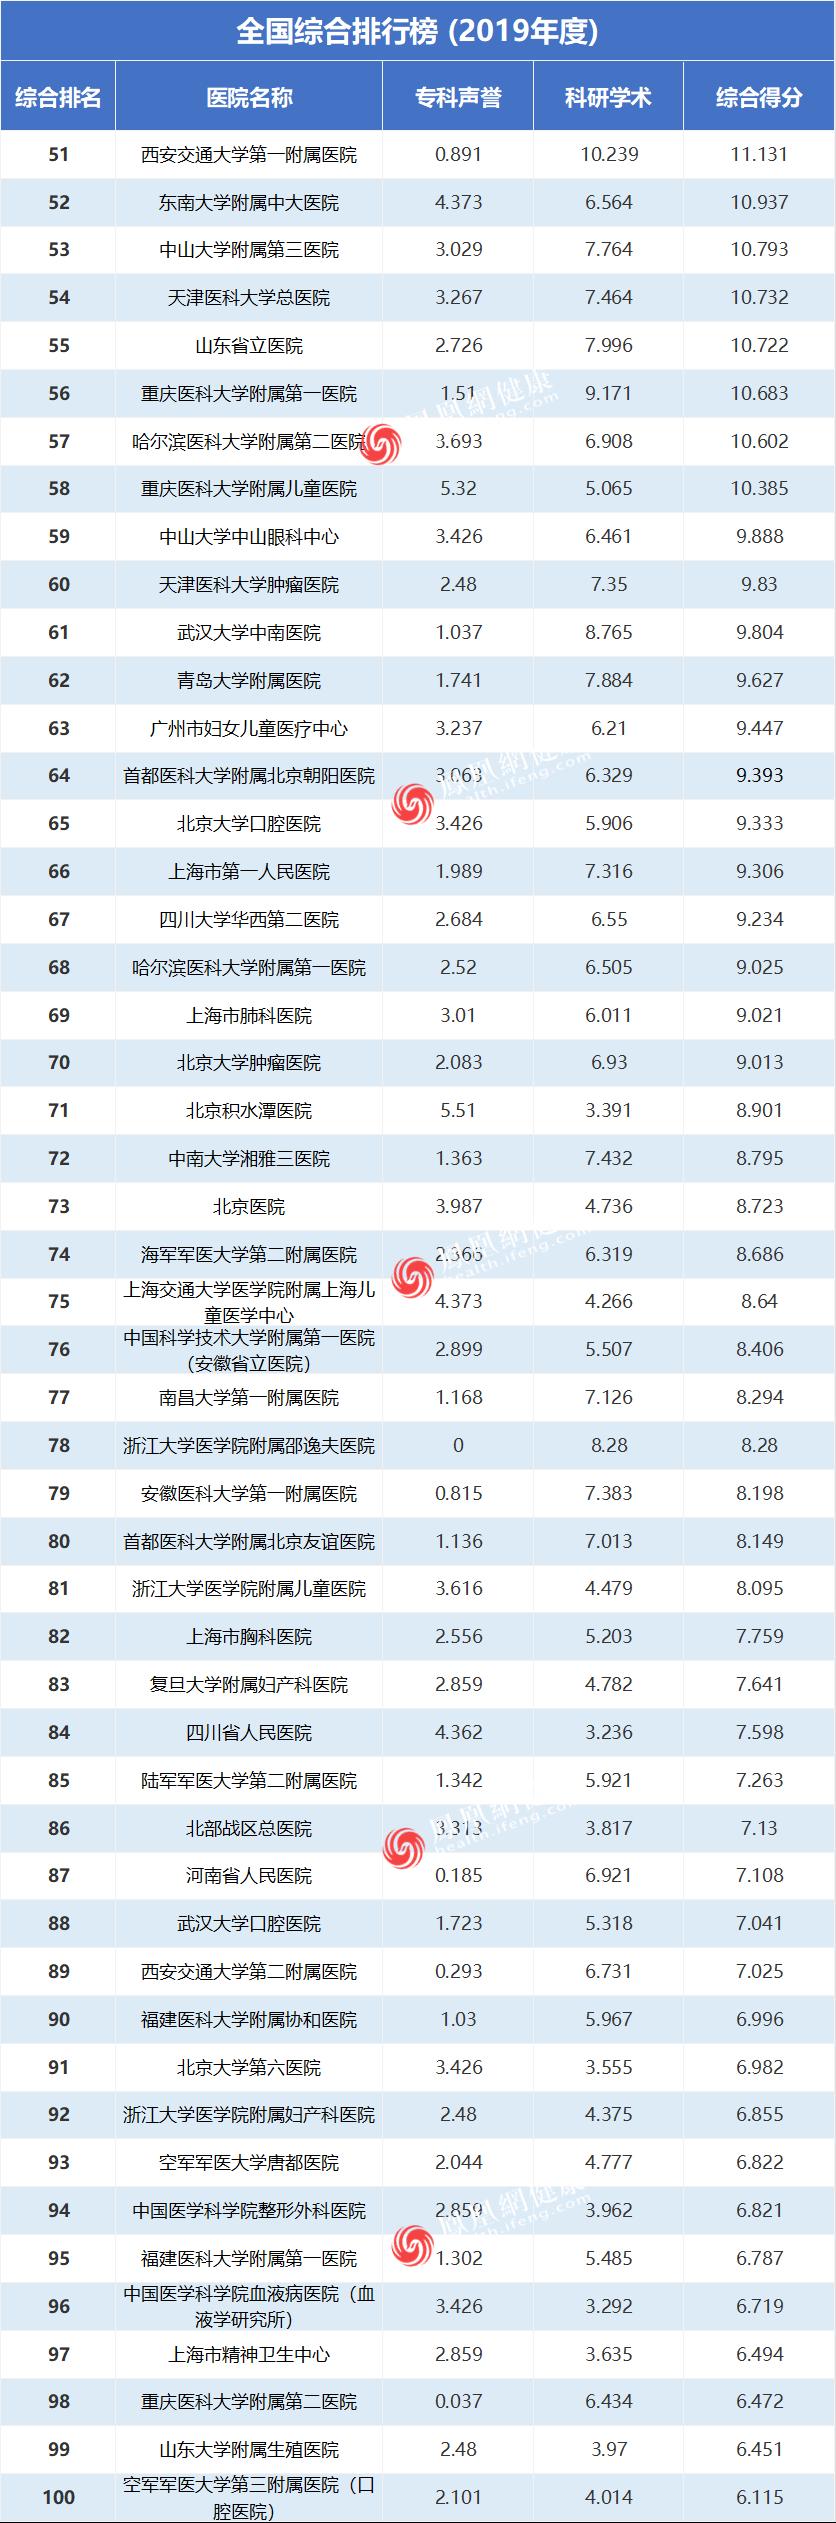 重磅!复旦版《2019年度中国医院排行榜》公布